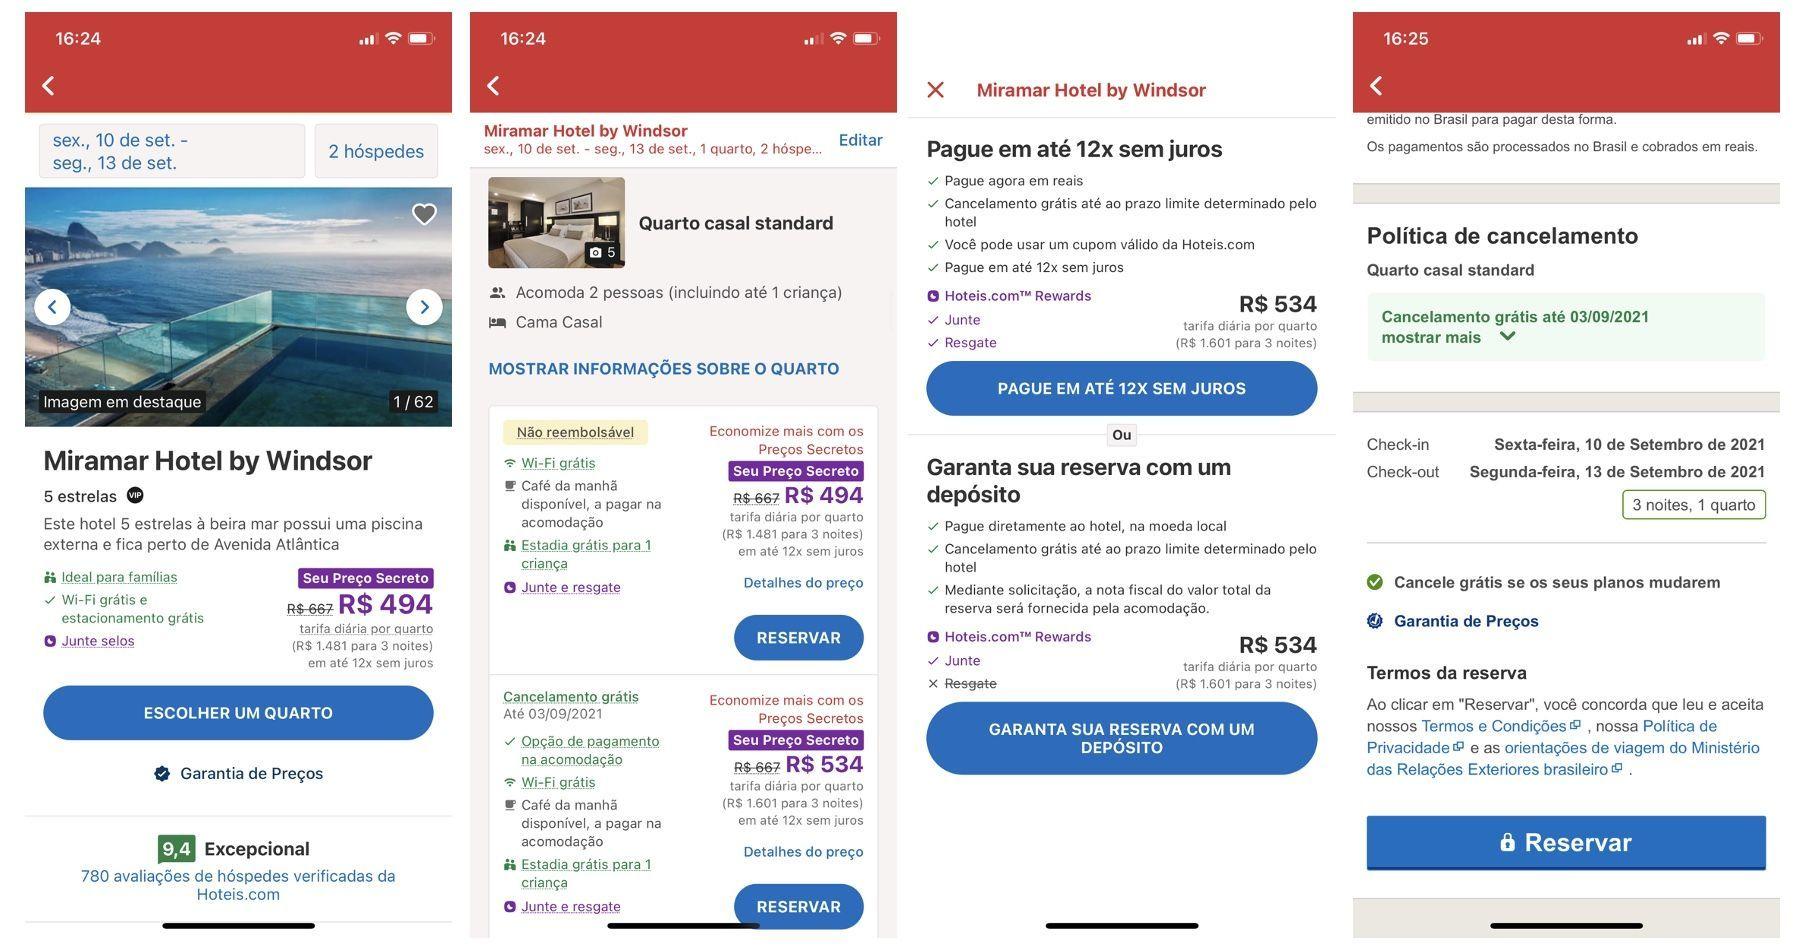 aplicativo hoteis.com